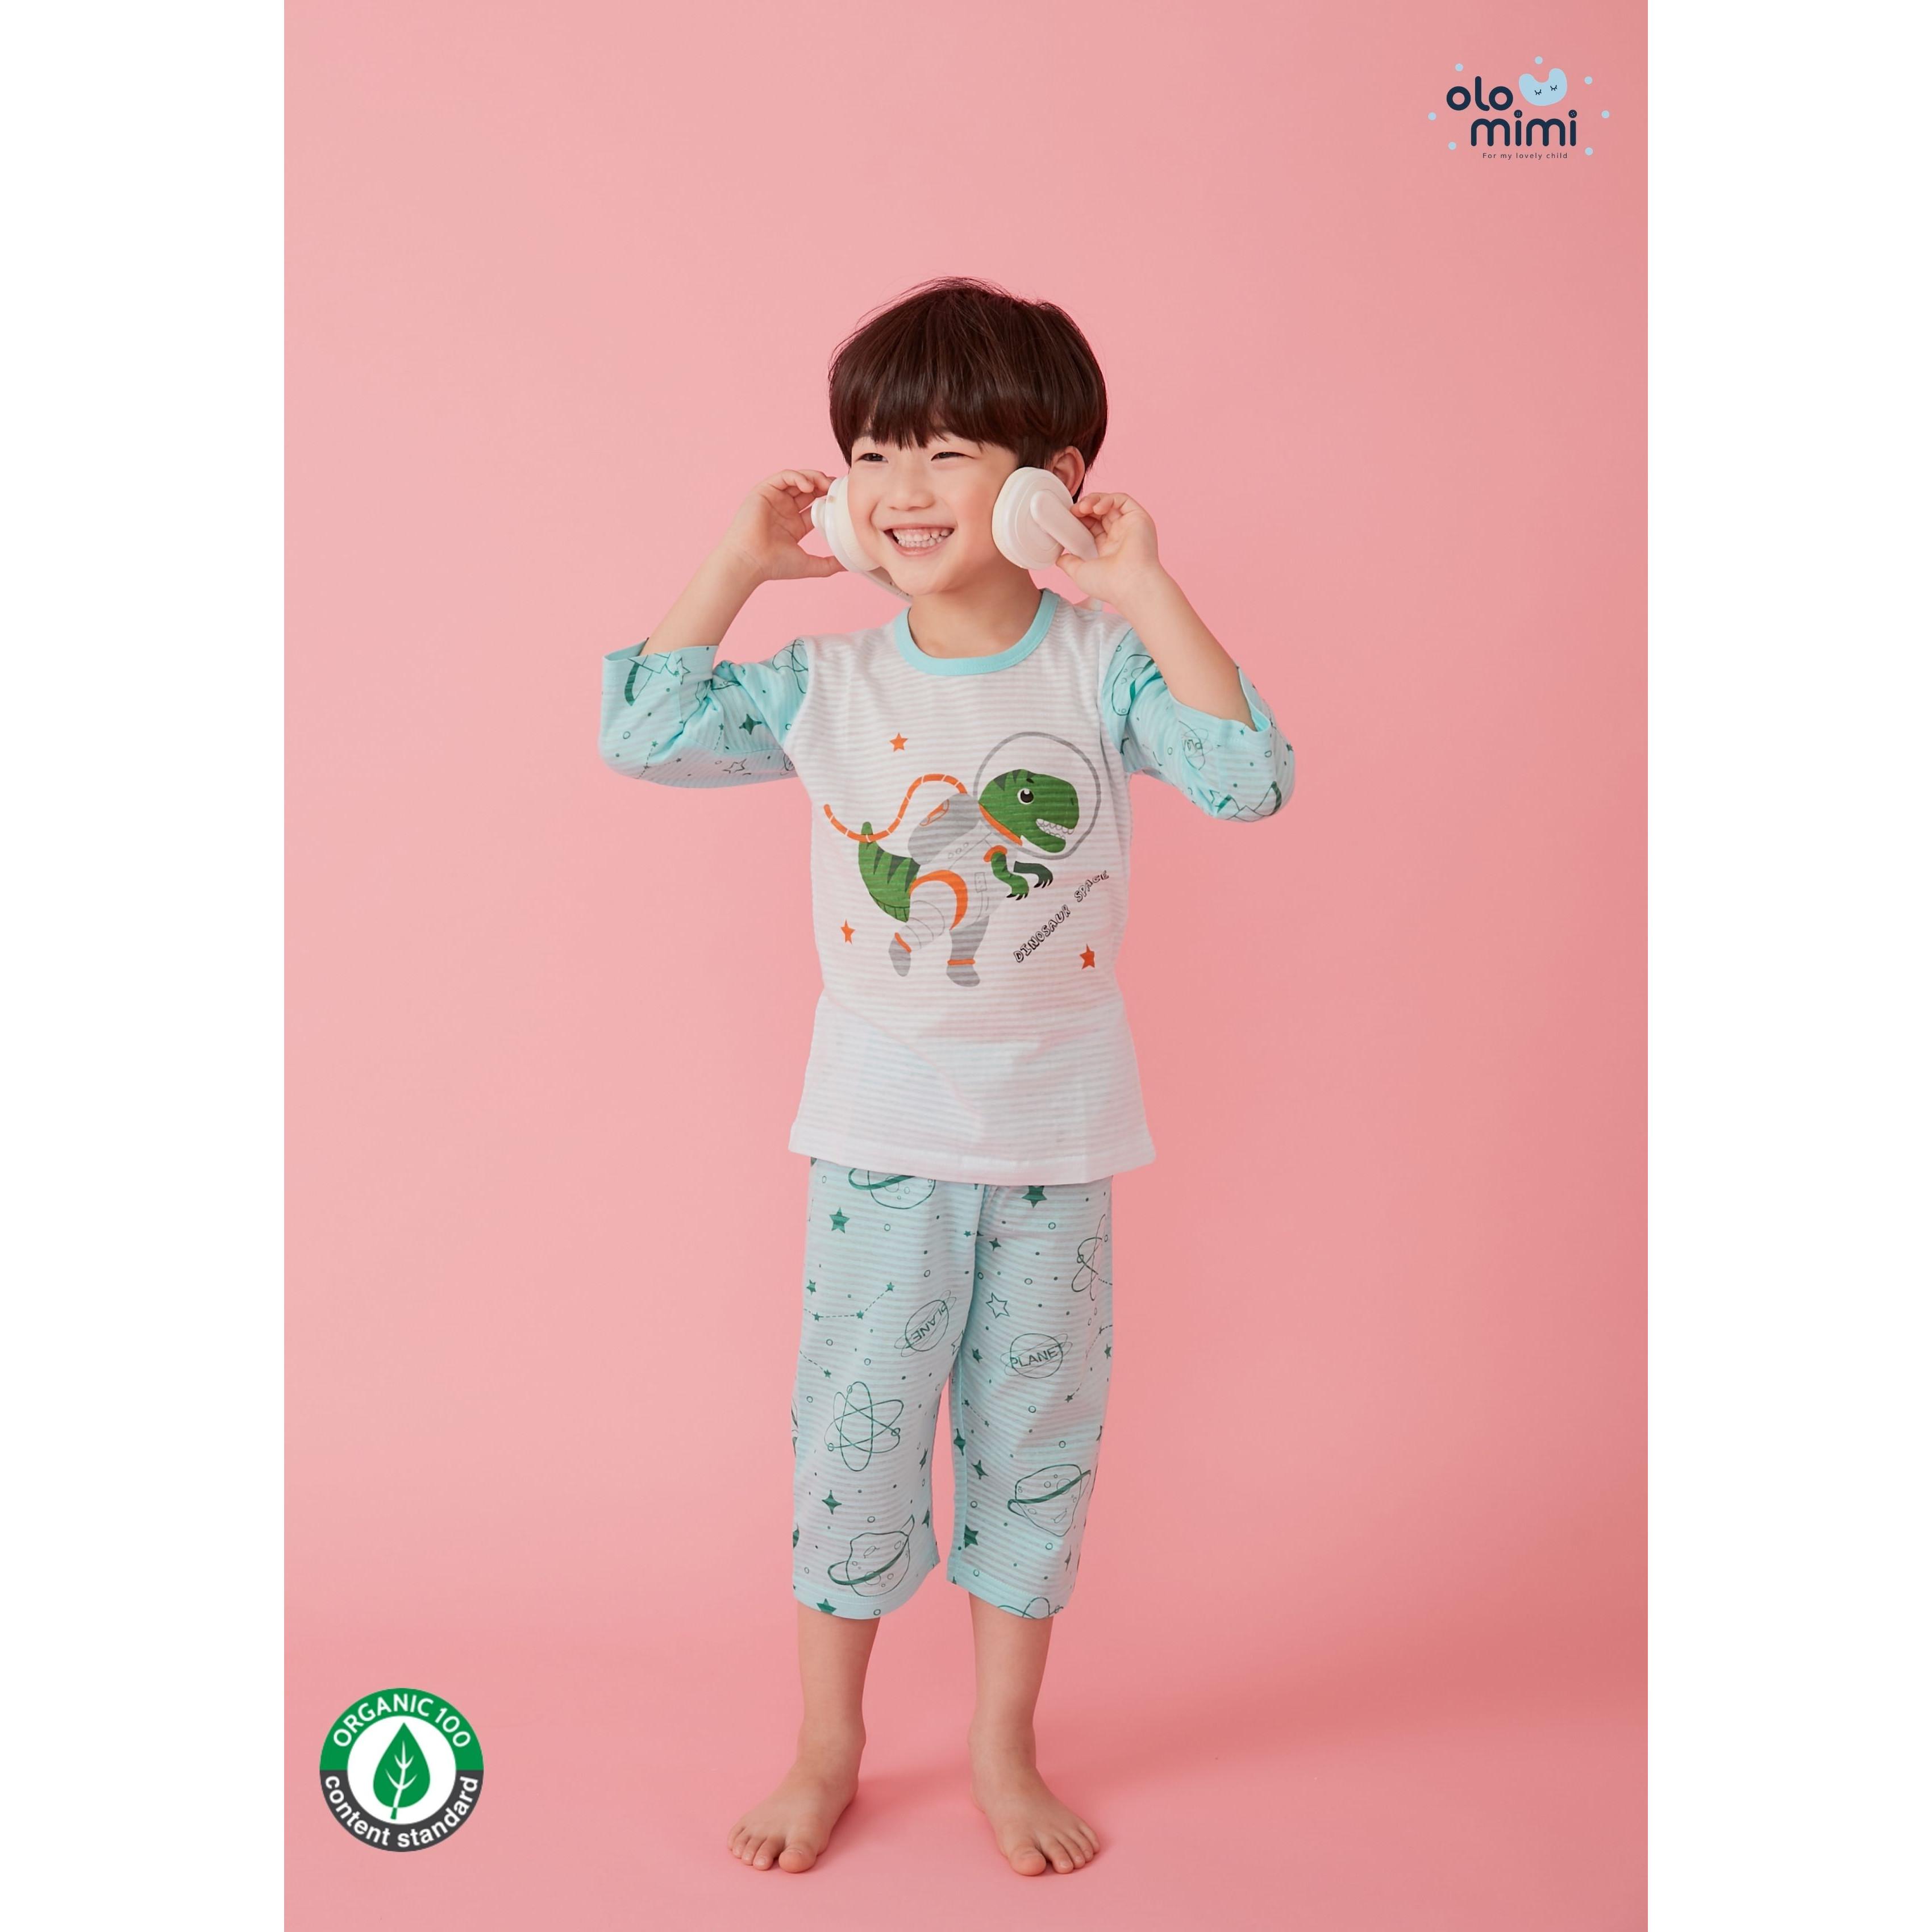 Bộ lửng Olomimi Hàn Quốc SS21 Dino Space - 100% organic cotton